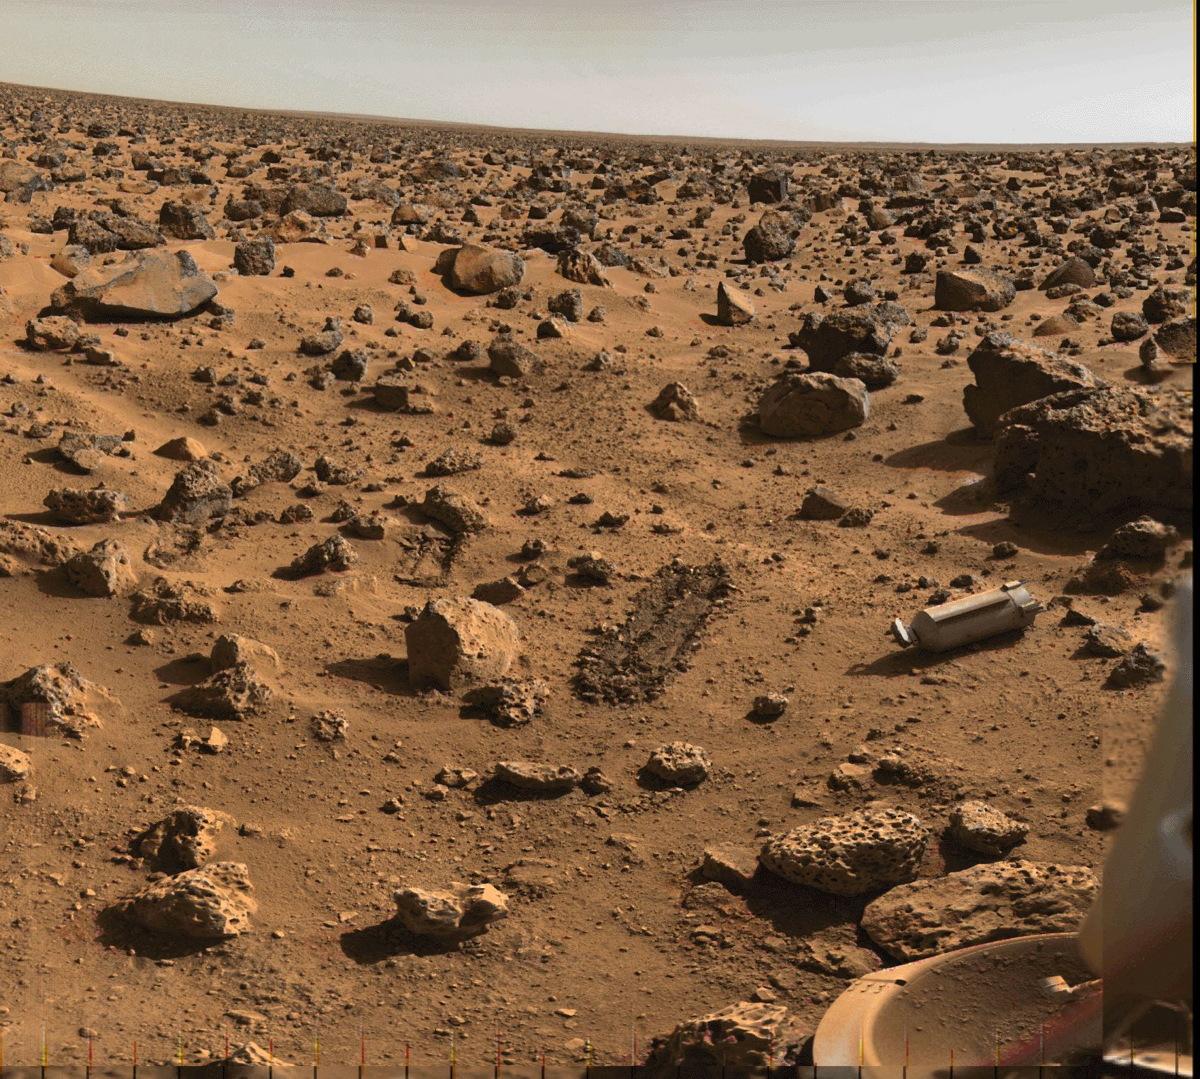 Mars Utopia Planitia Region